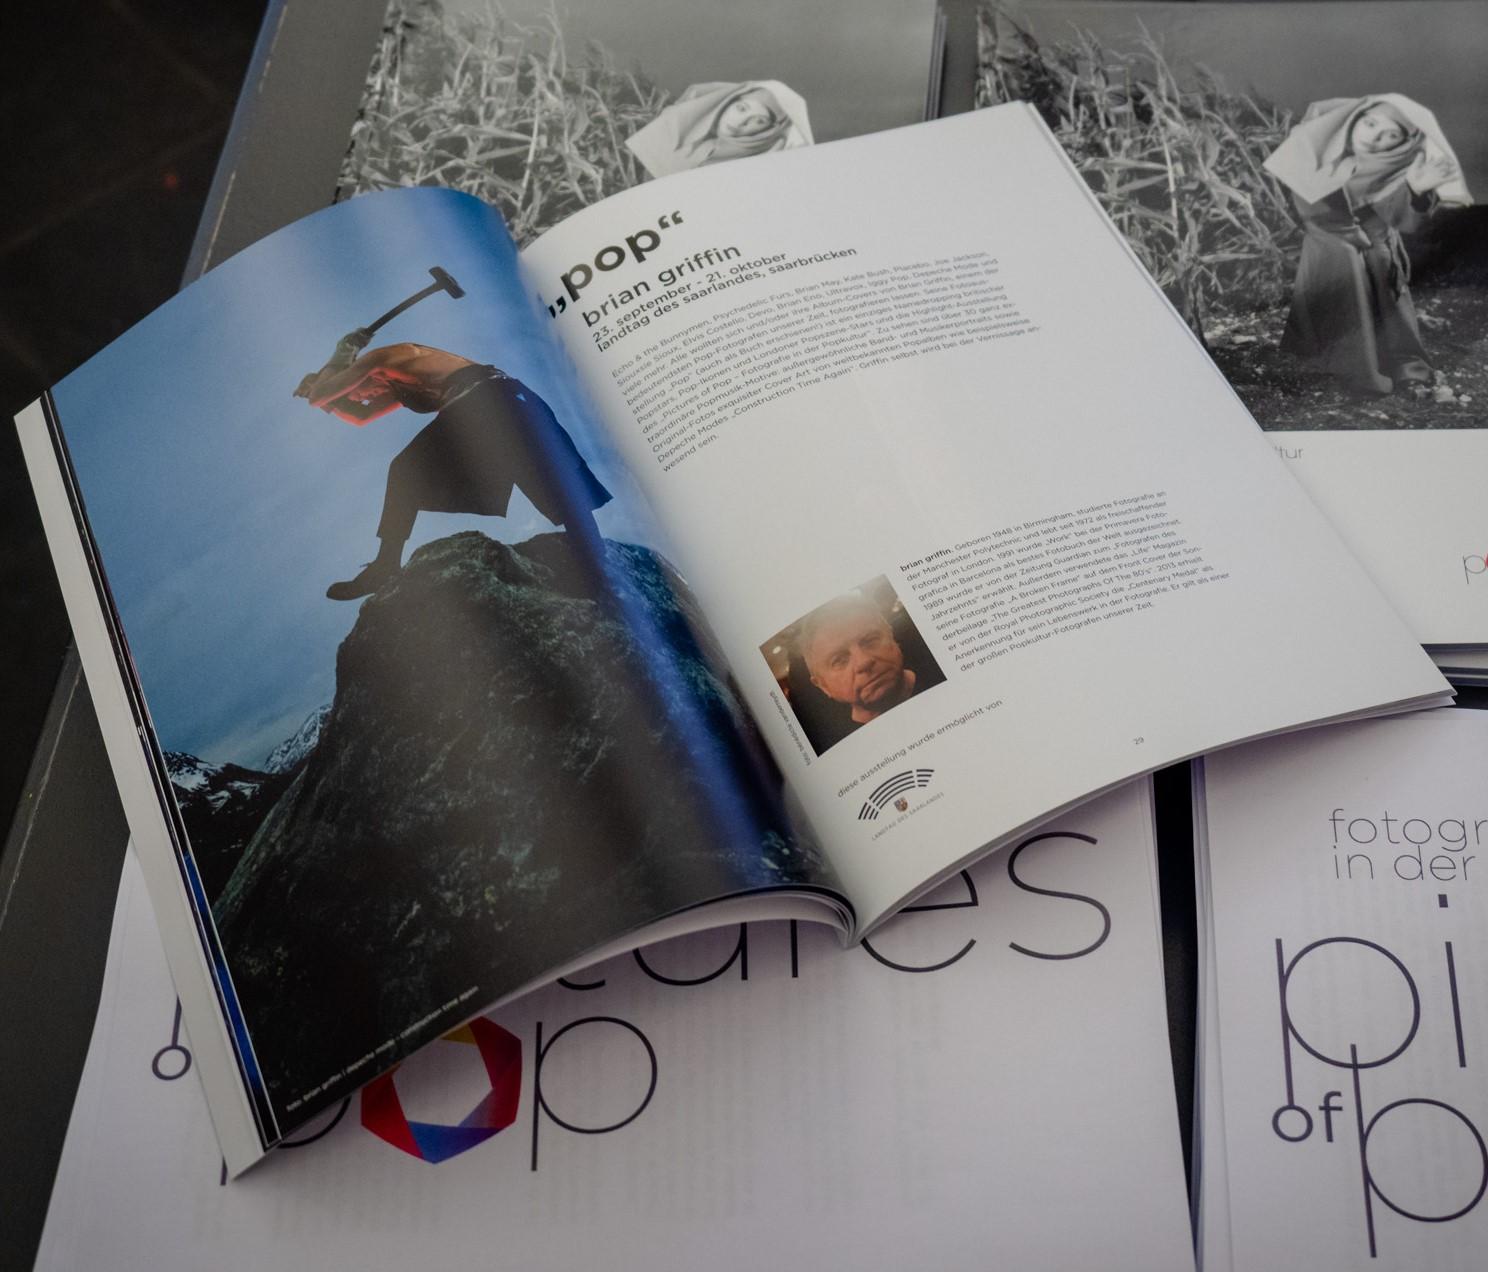 """Katalog zum Ausstellungsfestival """"Pictures of Pop – Fotografie in der Popkultur"""" – in allen Buchhandlungen erhältlich"""